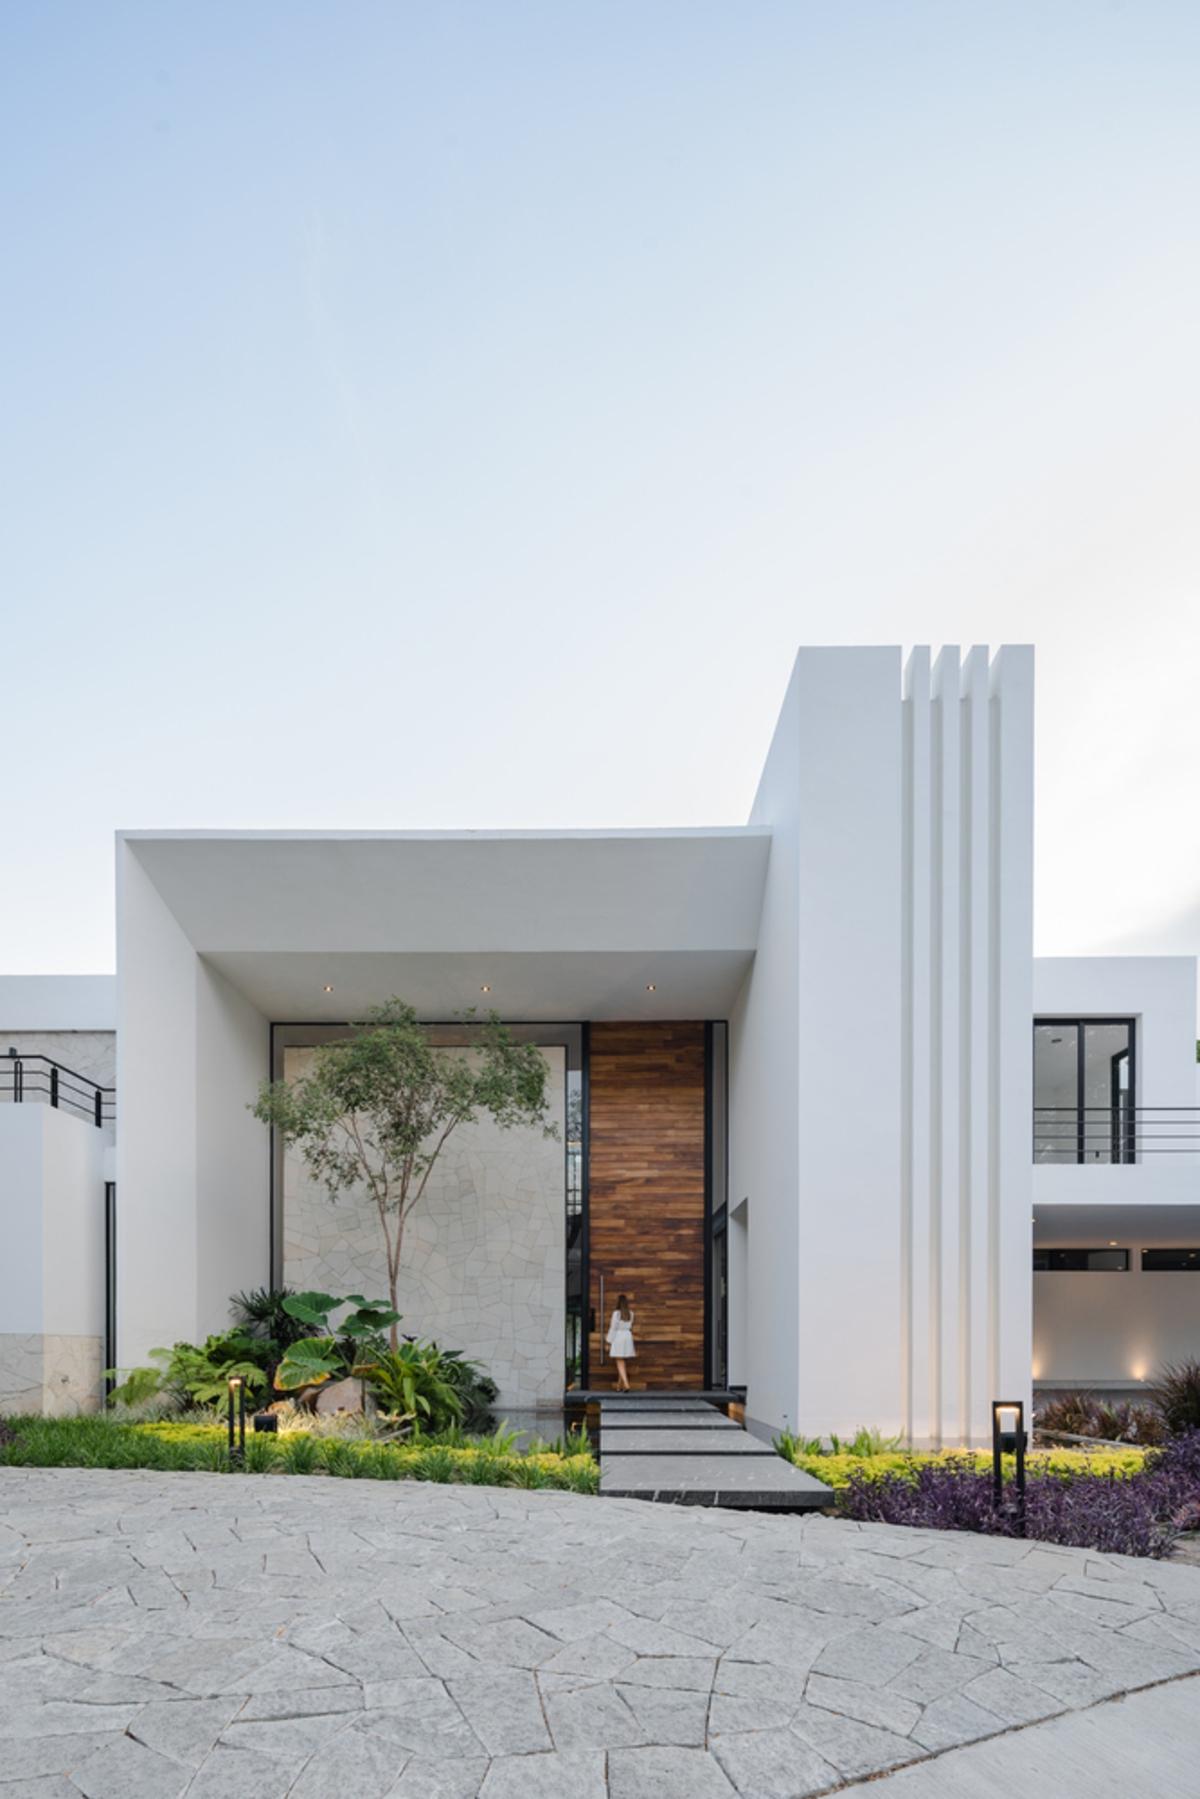 Water House, ngôi nhà được bao quanh bằng nước hiện đại và tiện nghi/ Di Frenna Arquitectos